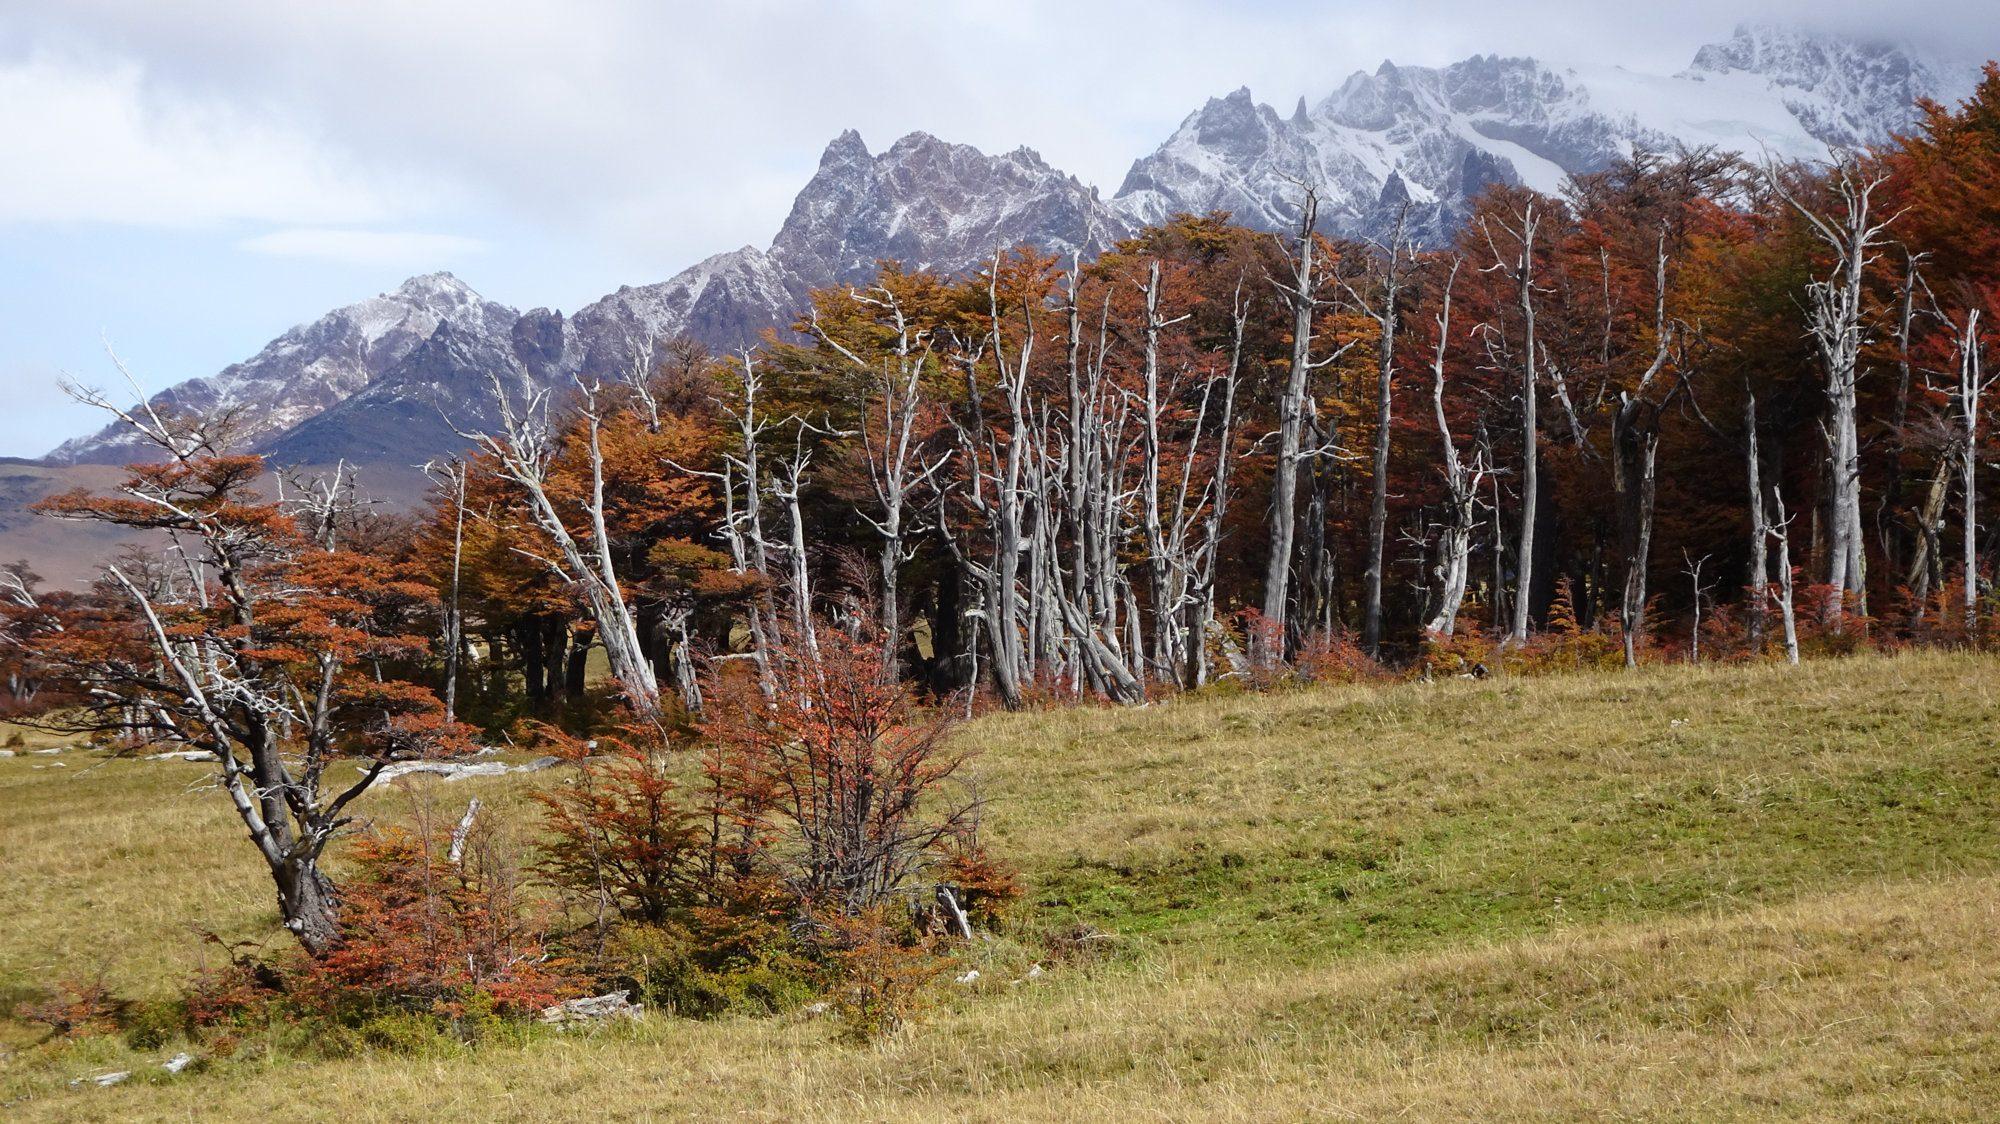 Herbstwälder Huemul Circuit, El Chaltén, Patagonien, Argentinien, Wanderung, Trekking